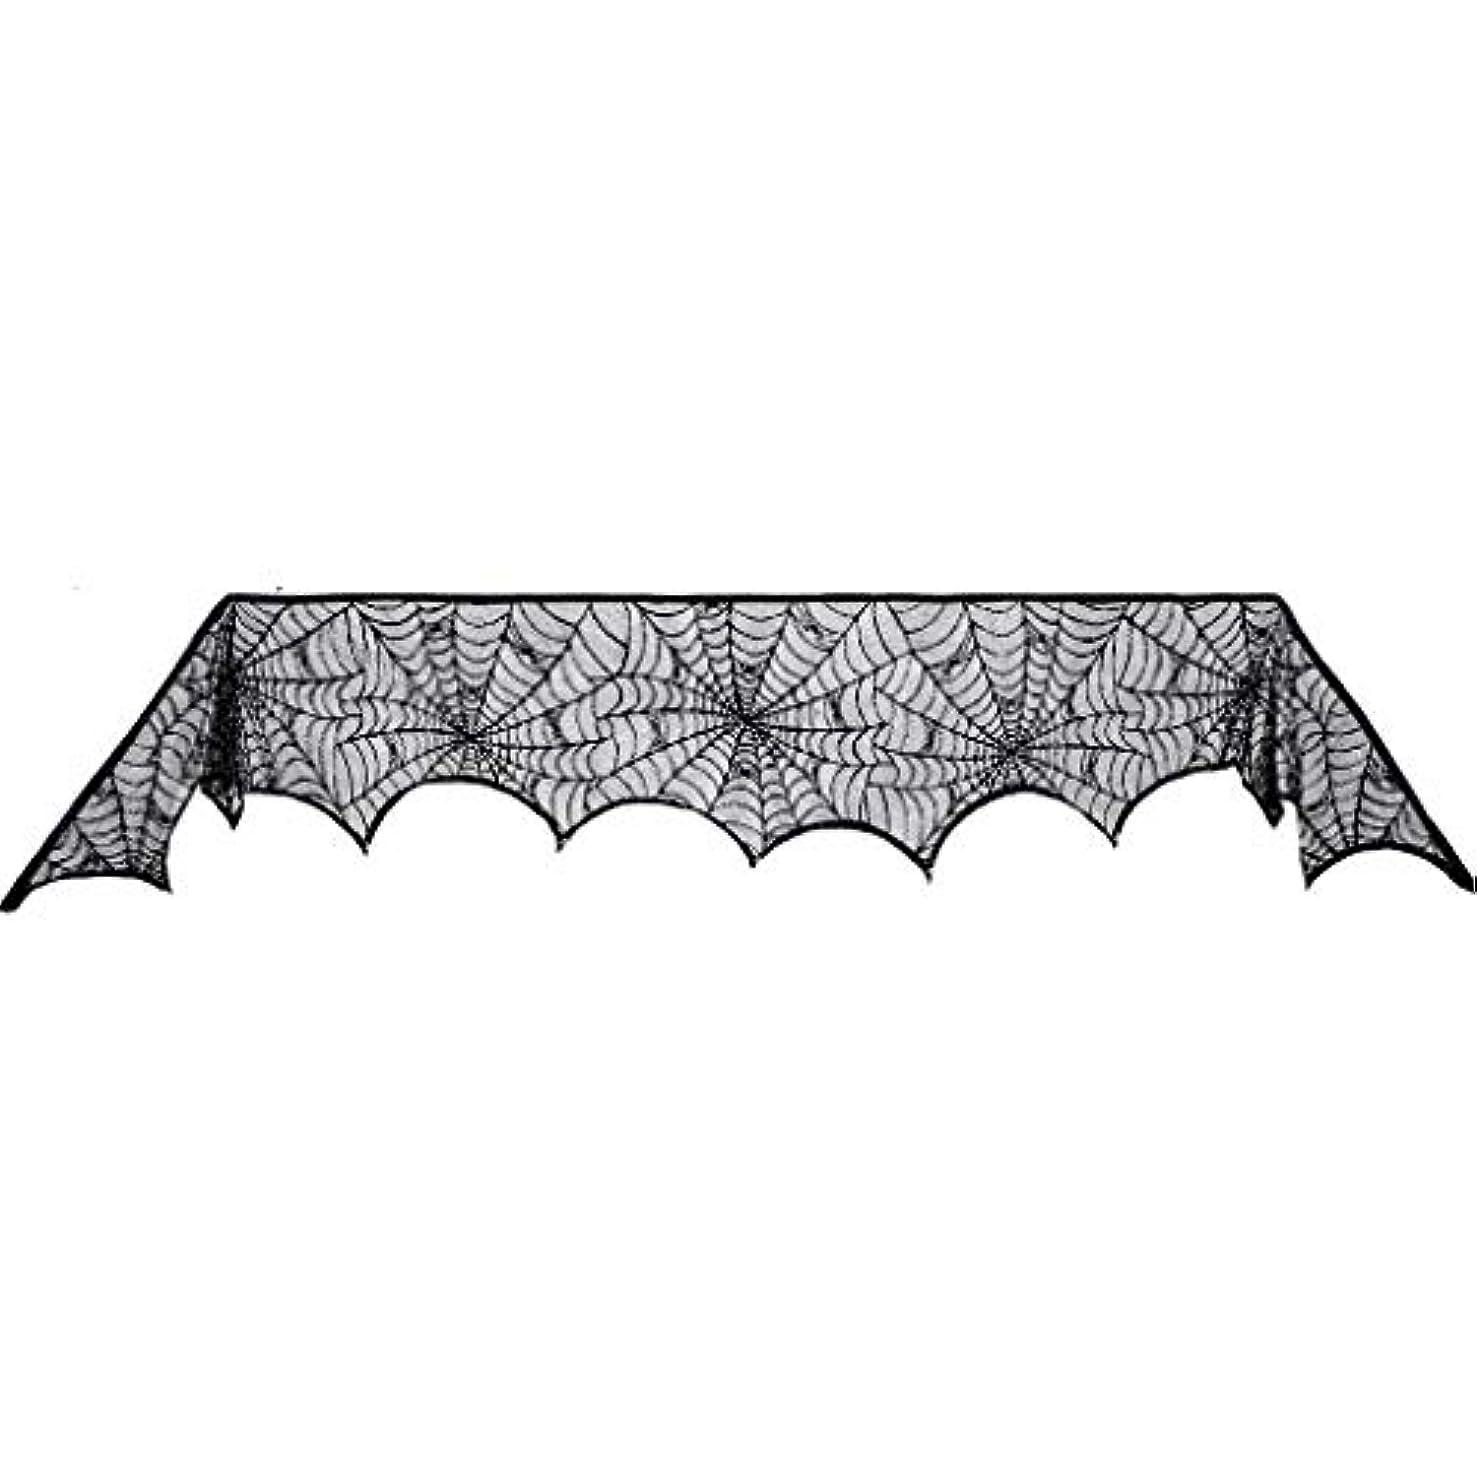 馬鹿げた夢土器ハロウィンの黒いレースのクモの巣の暖炉のマントルスカーフカバー、ハロウィンの小道具の装飾